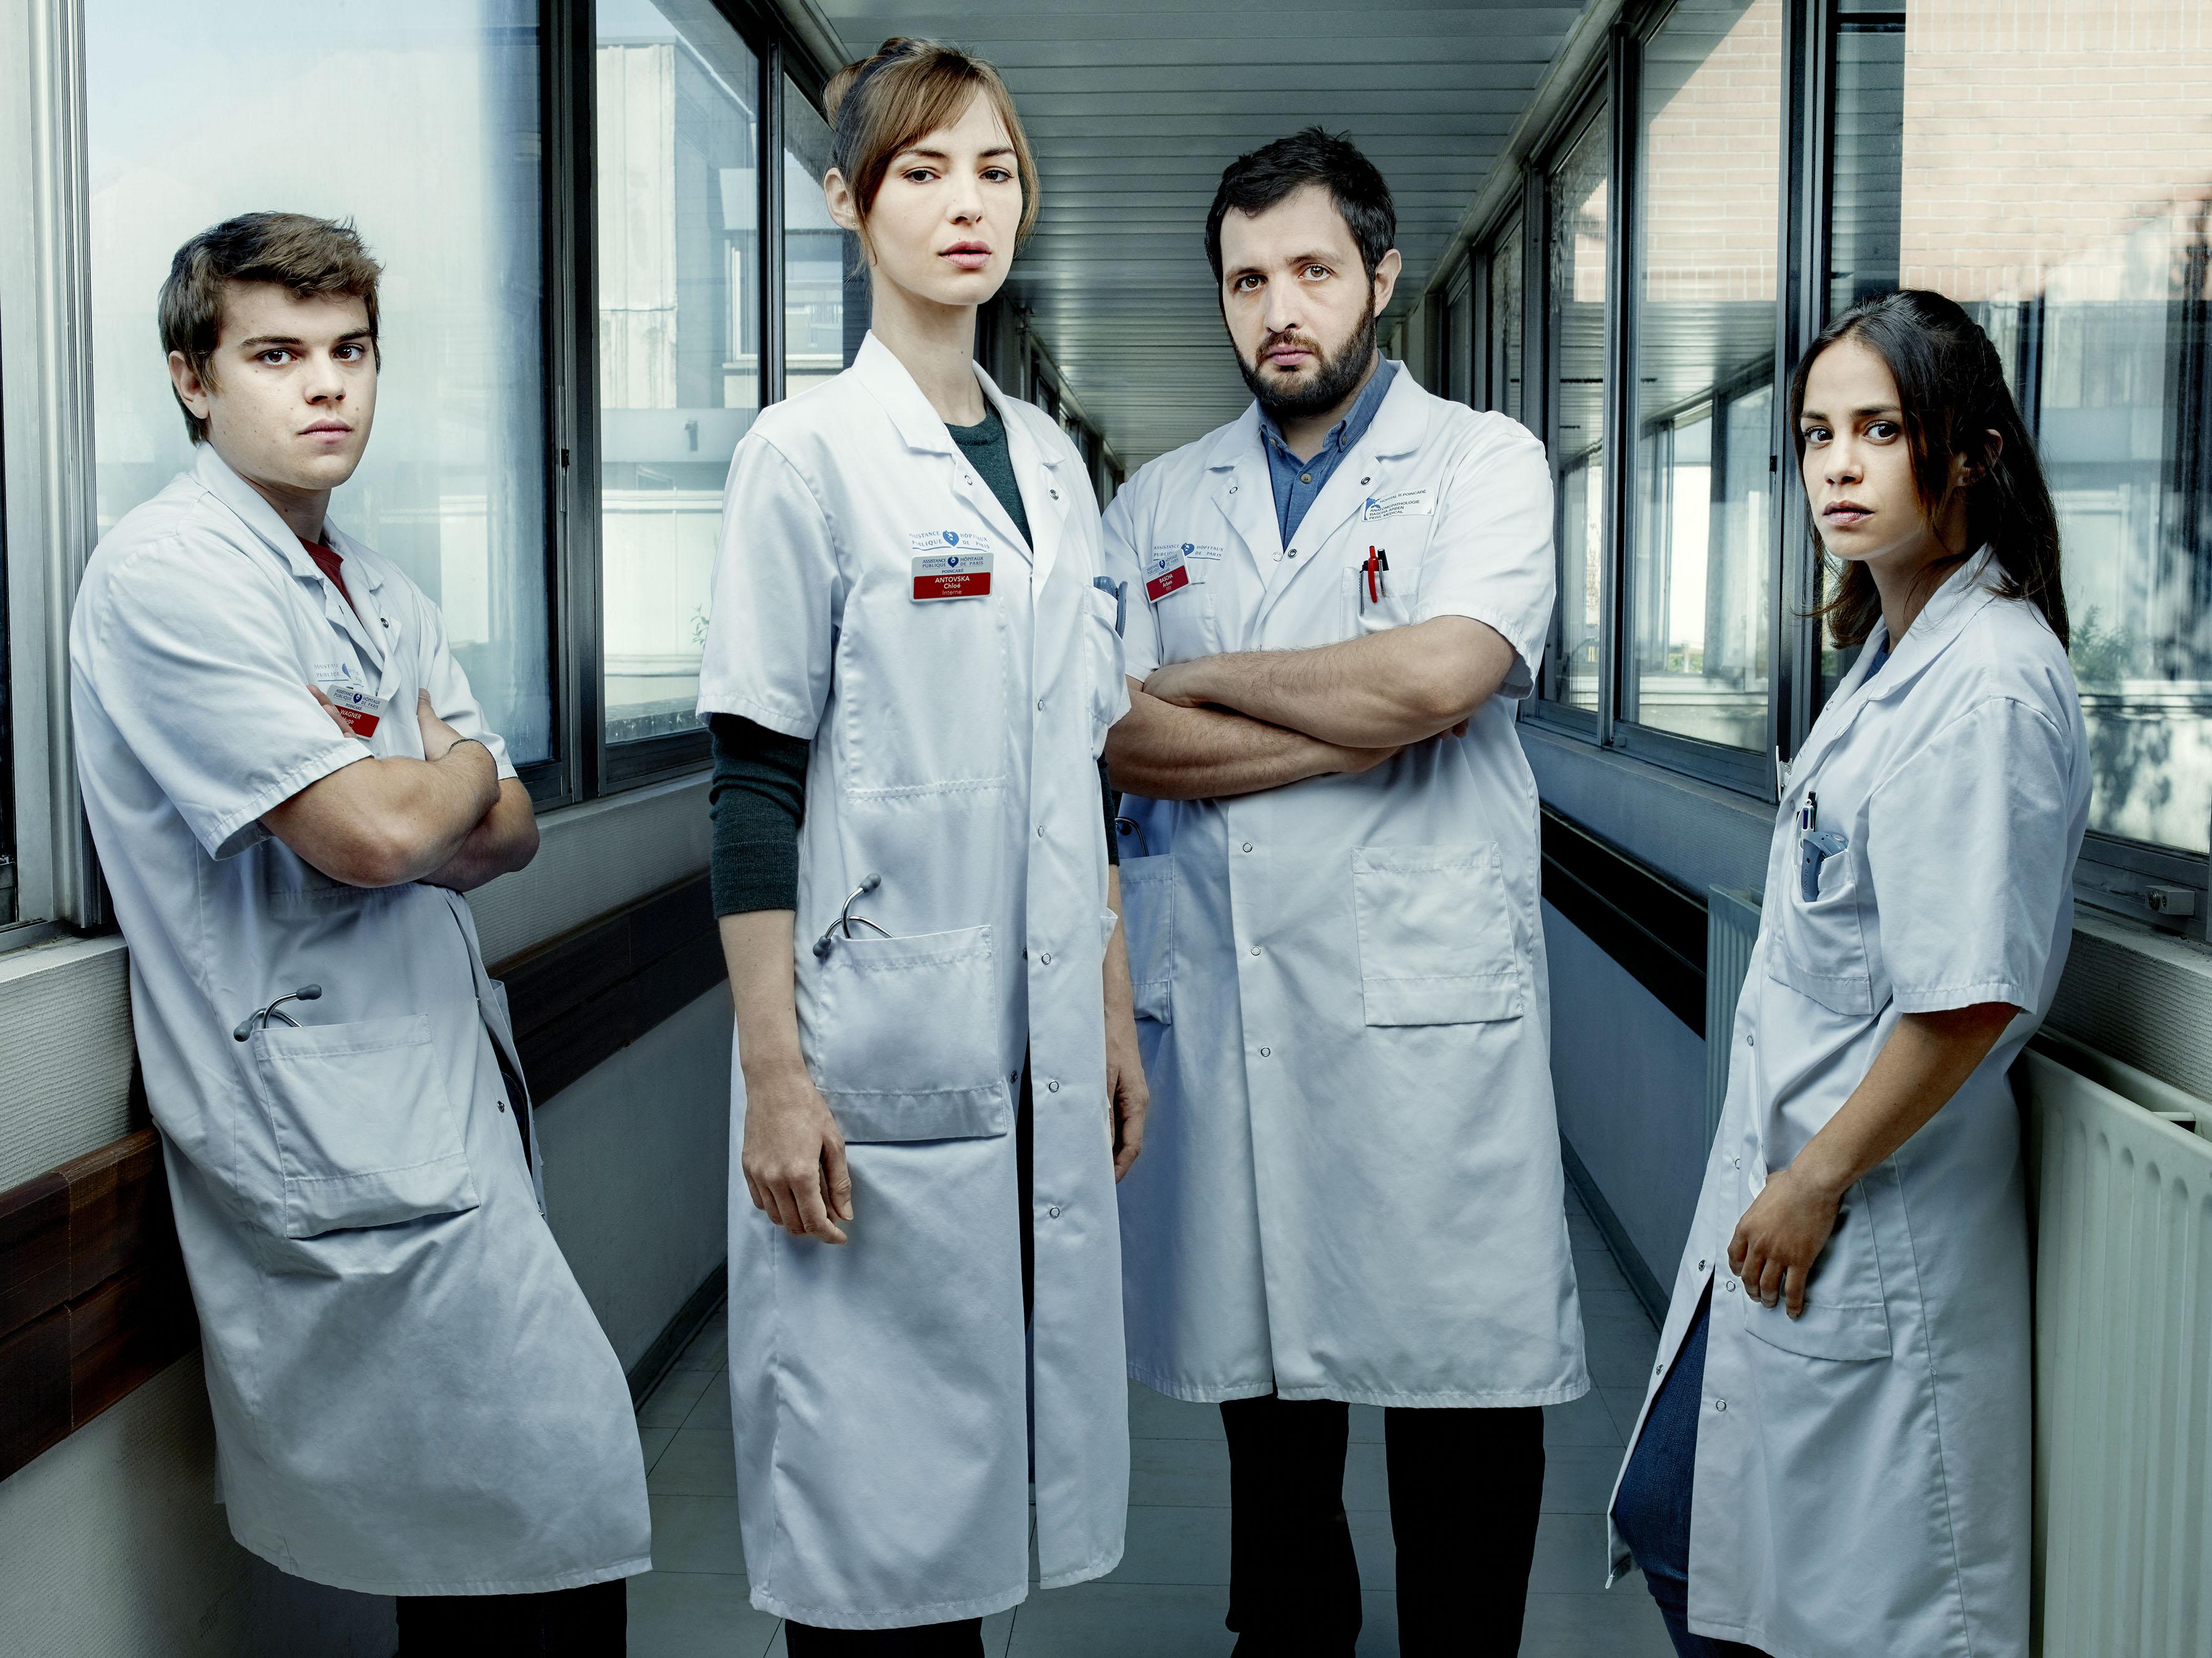 De gauche à droite : Zacharie Chasseriaud (Hugo Wagner), Louise Bourgoin (Chloé Antovska), Karim Leklou (Arben Bascha) et Alice Belaïdi (Alyson Lévêque). © Denis Rouvre / Canal+